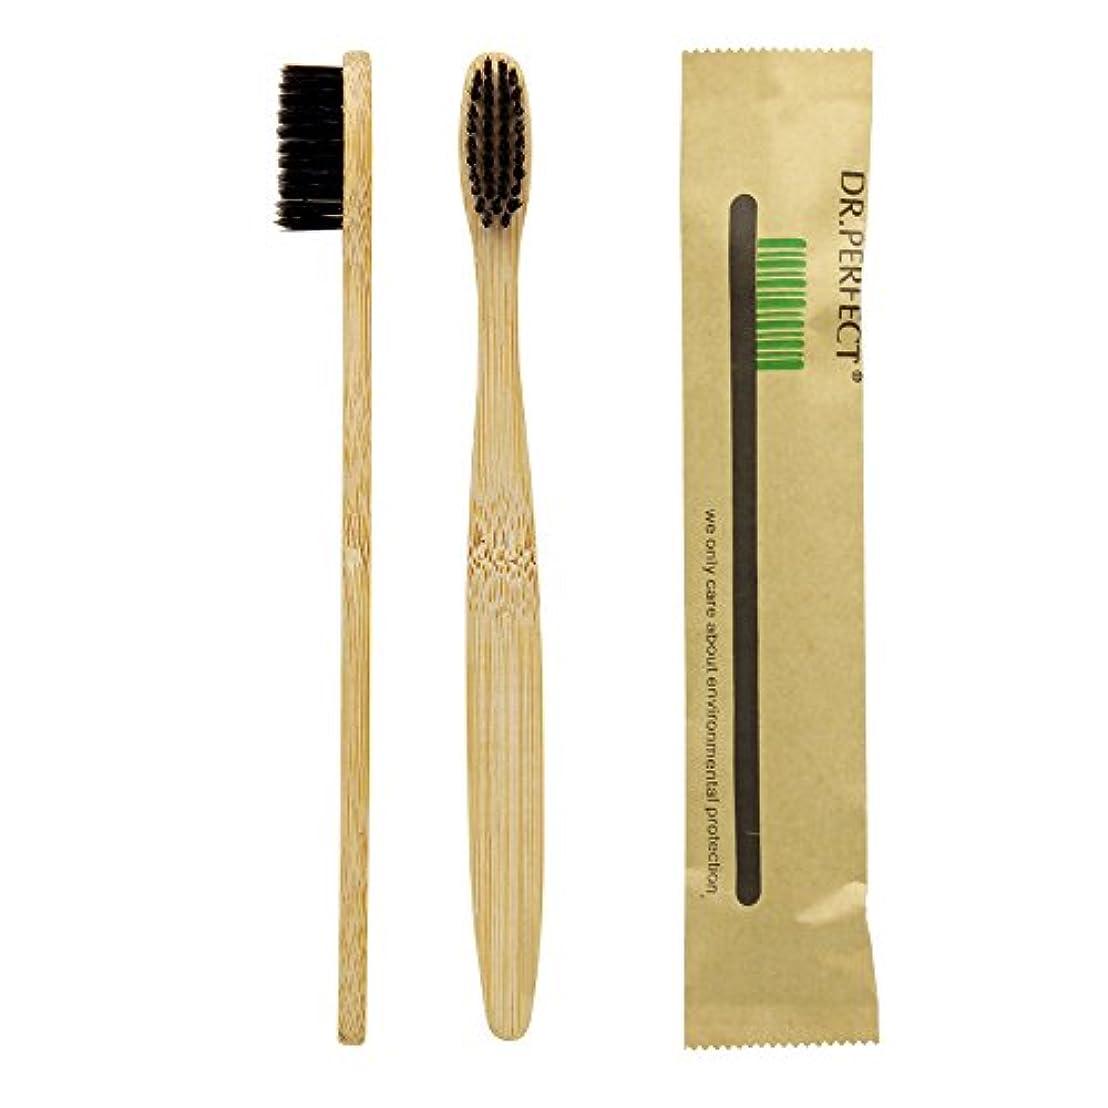 頻繁に組み合わせる振動させるDr.Perfect 歯ブラシ 竹歯ブラシアダルト竹の歯ブラシ ナイロン毛 環境保護の歯ブラシ (ブラック)